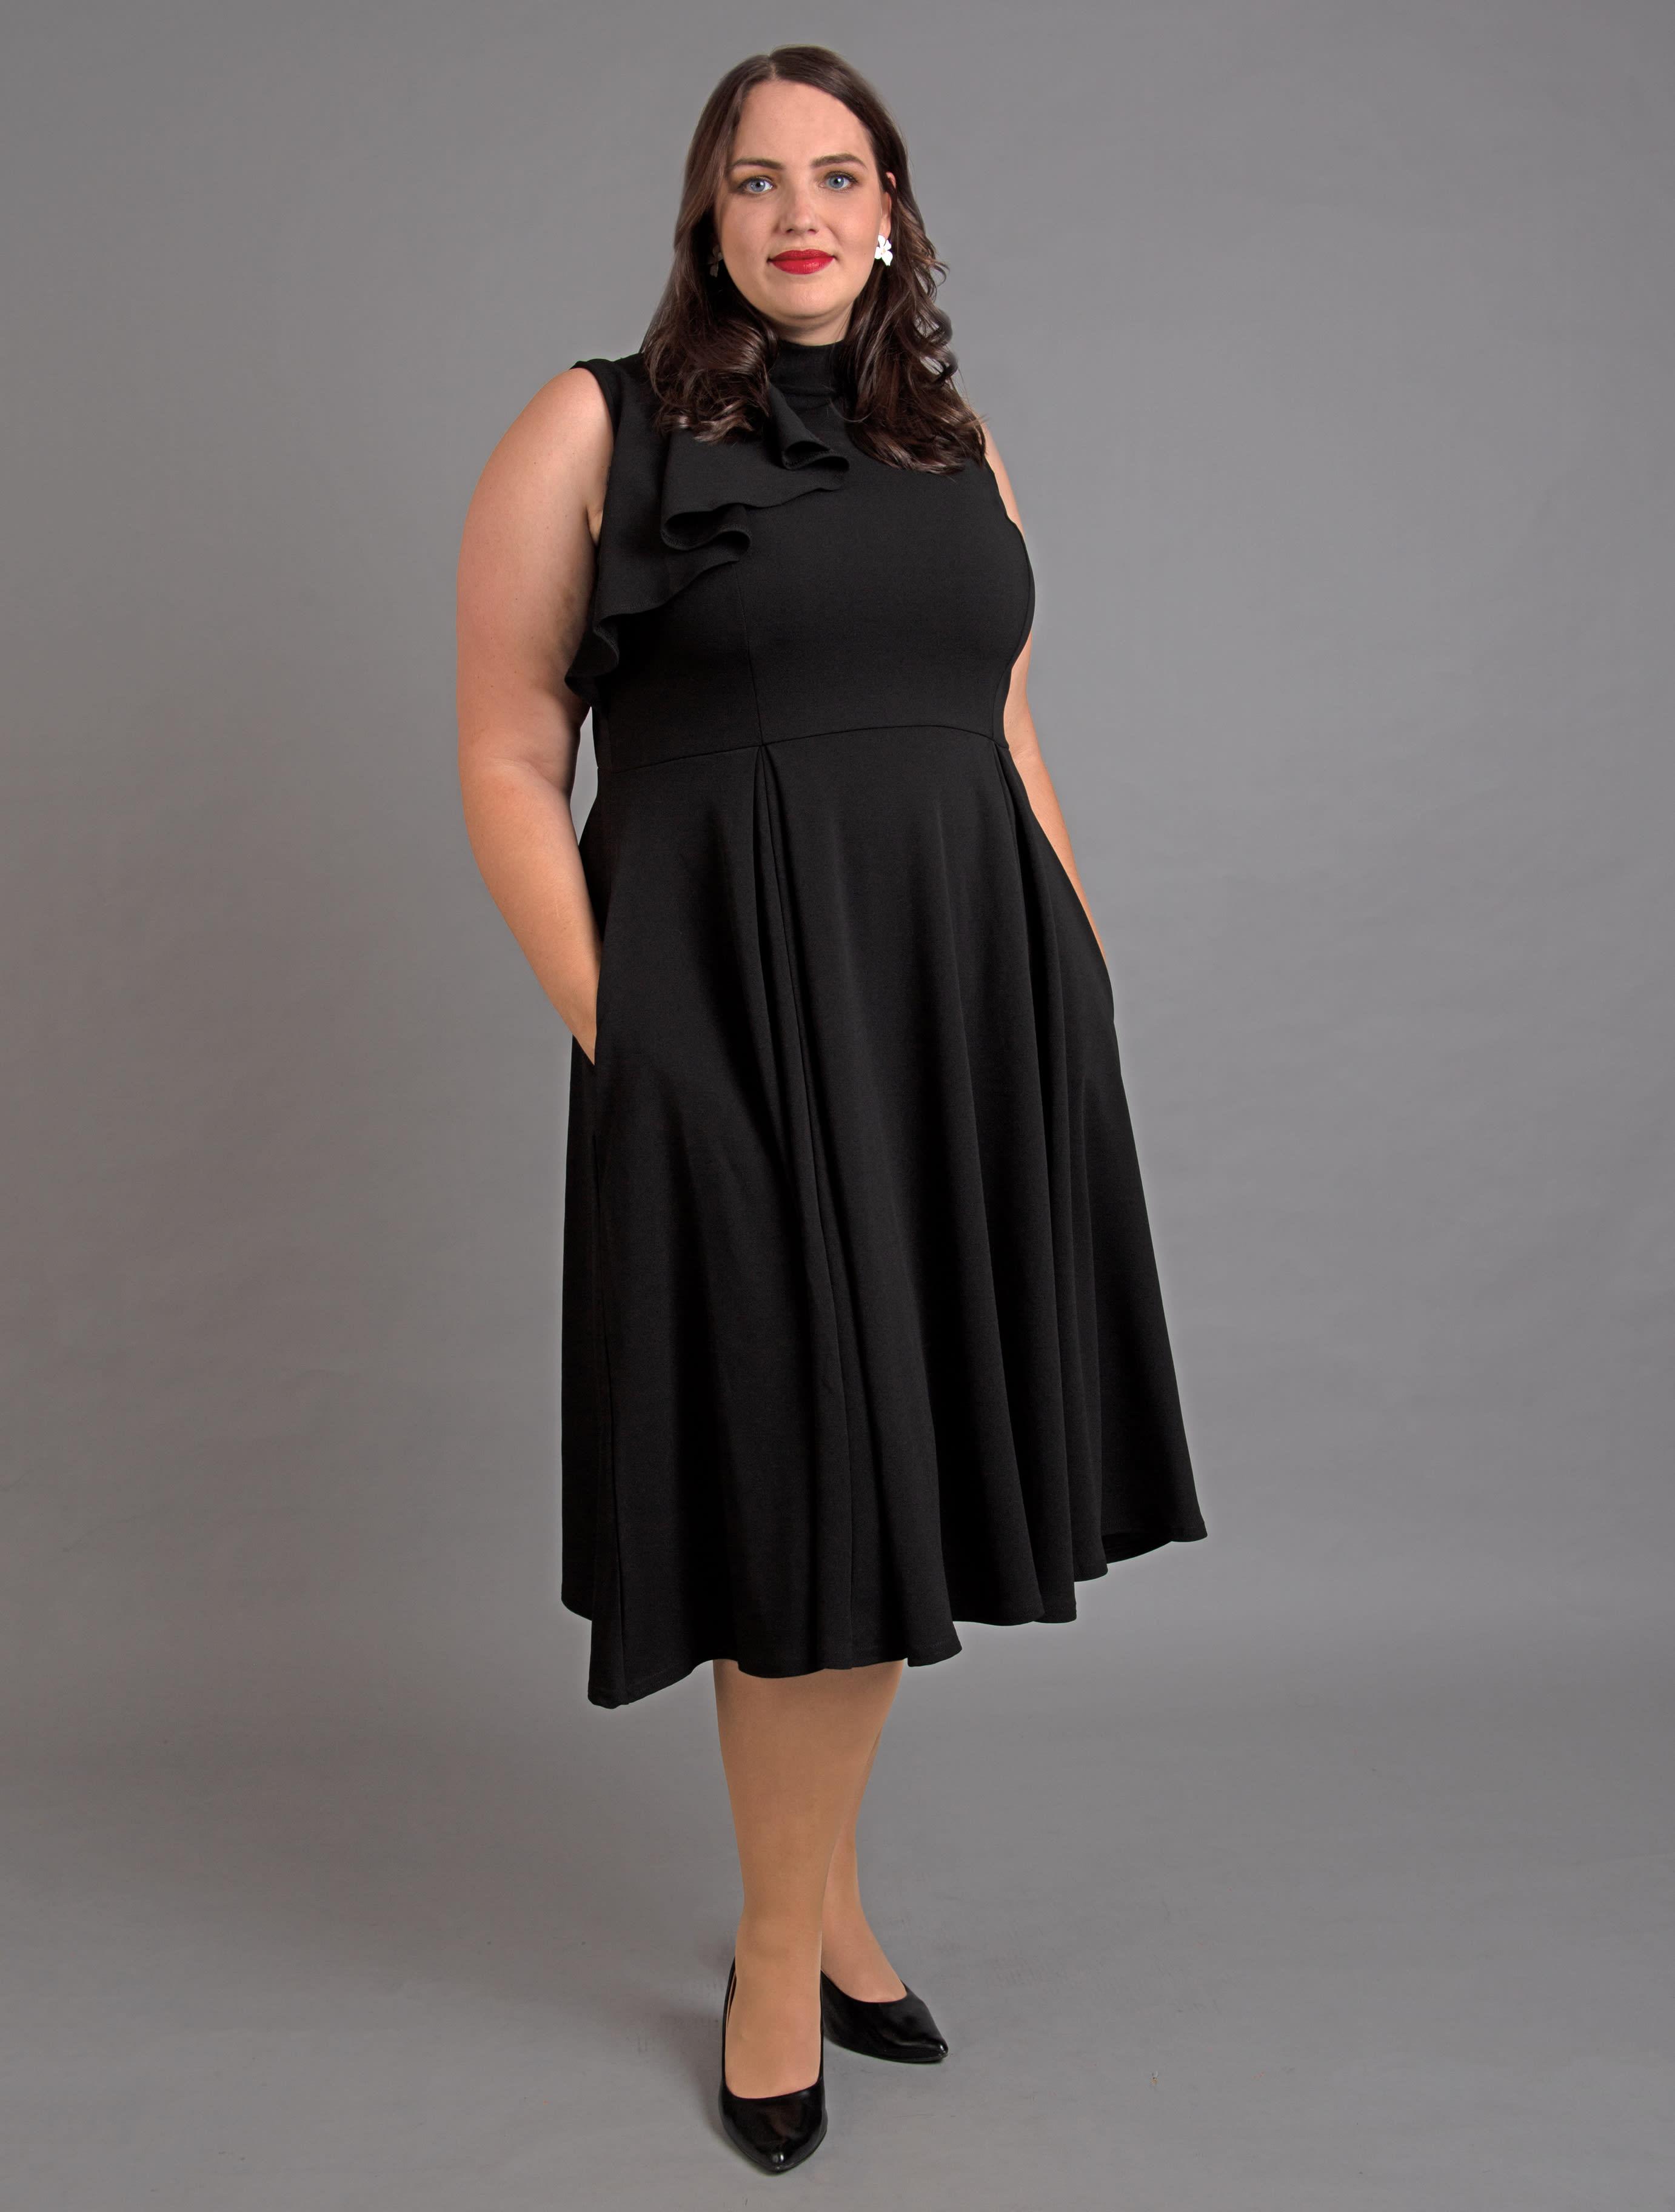 online retailer 1ef1b 80c0a Kleider große Größen | Auswahl aus 25.000 Kleidern ...